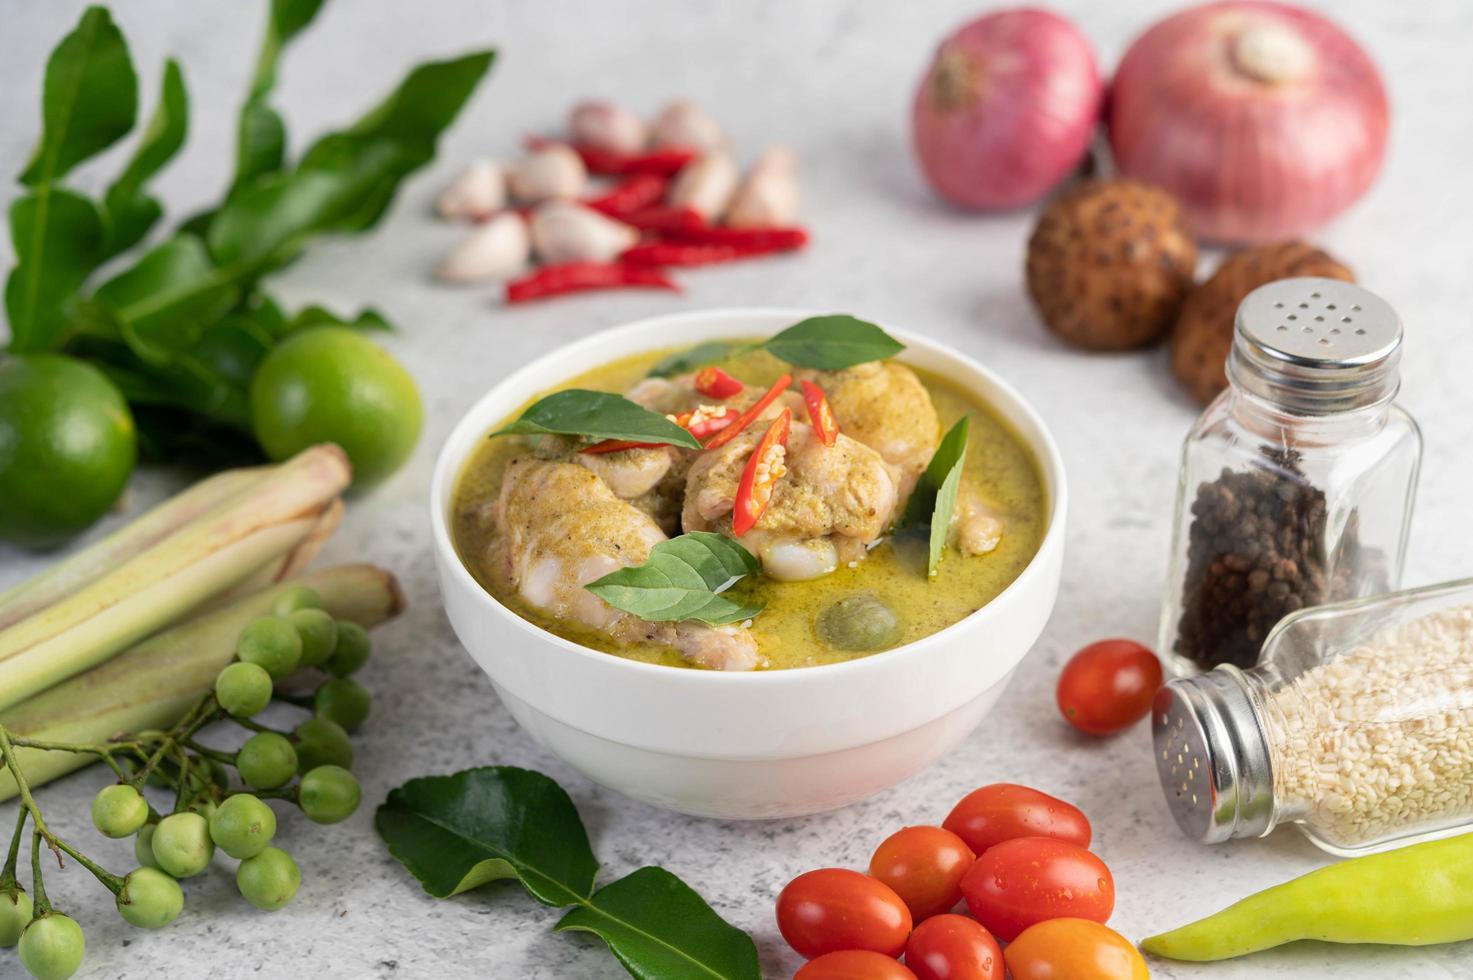 poulet au curry vert photo